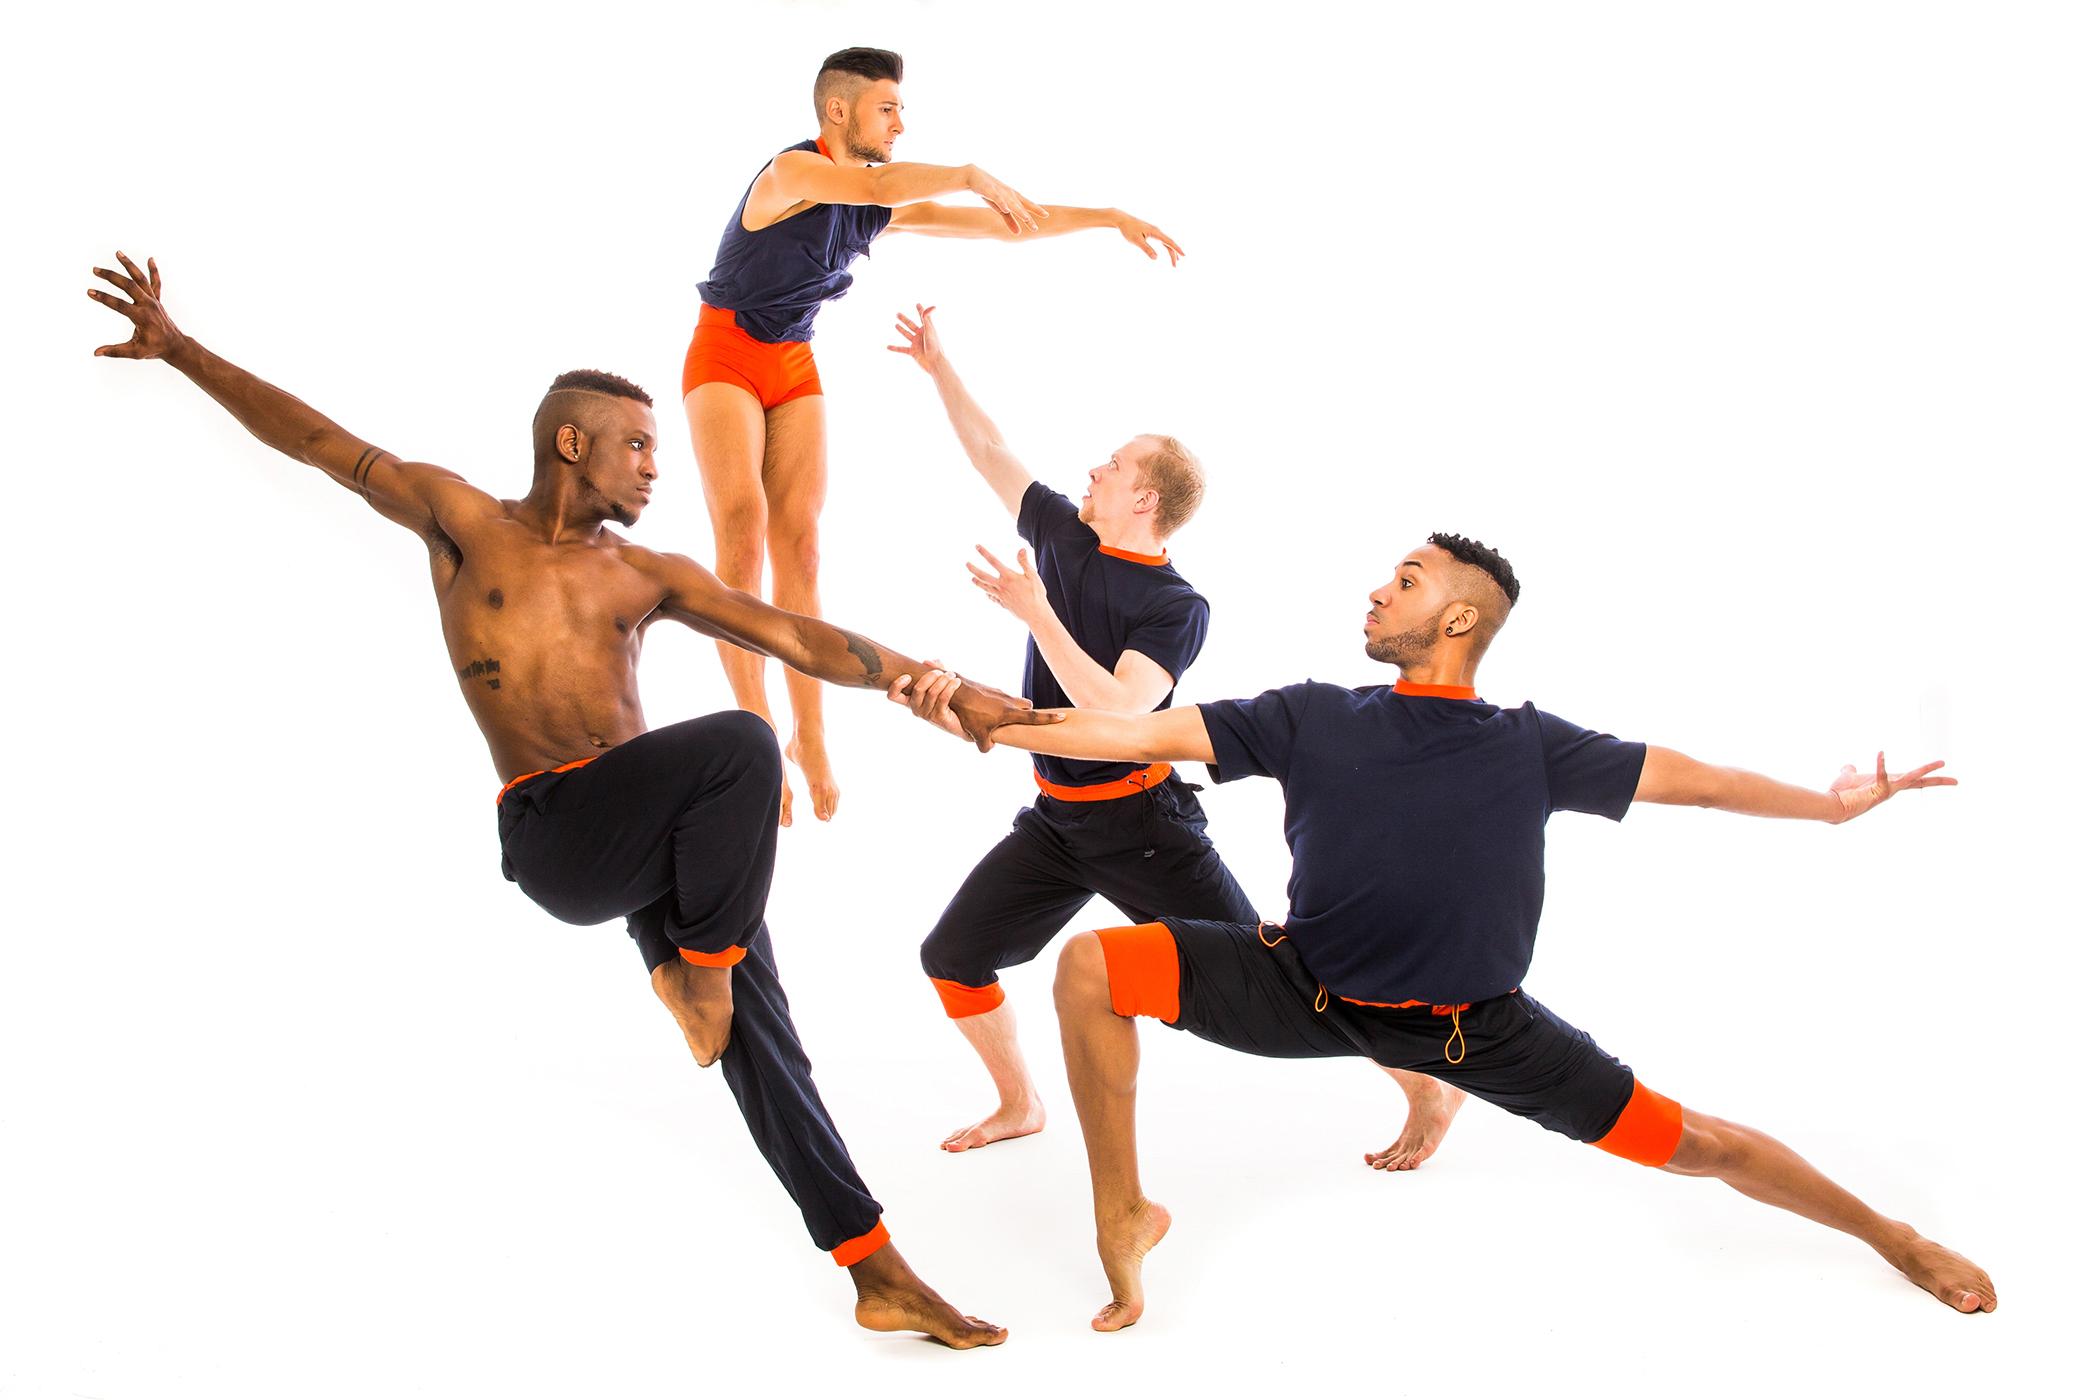 EM DANCE SESSION0550_v003_sized